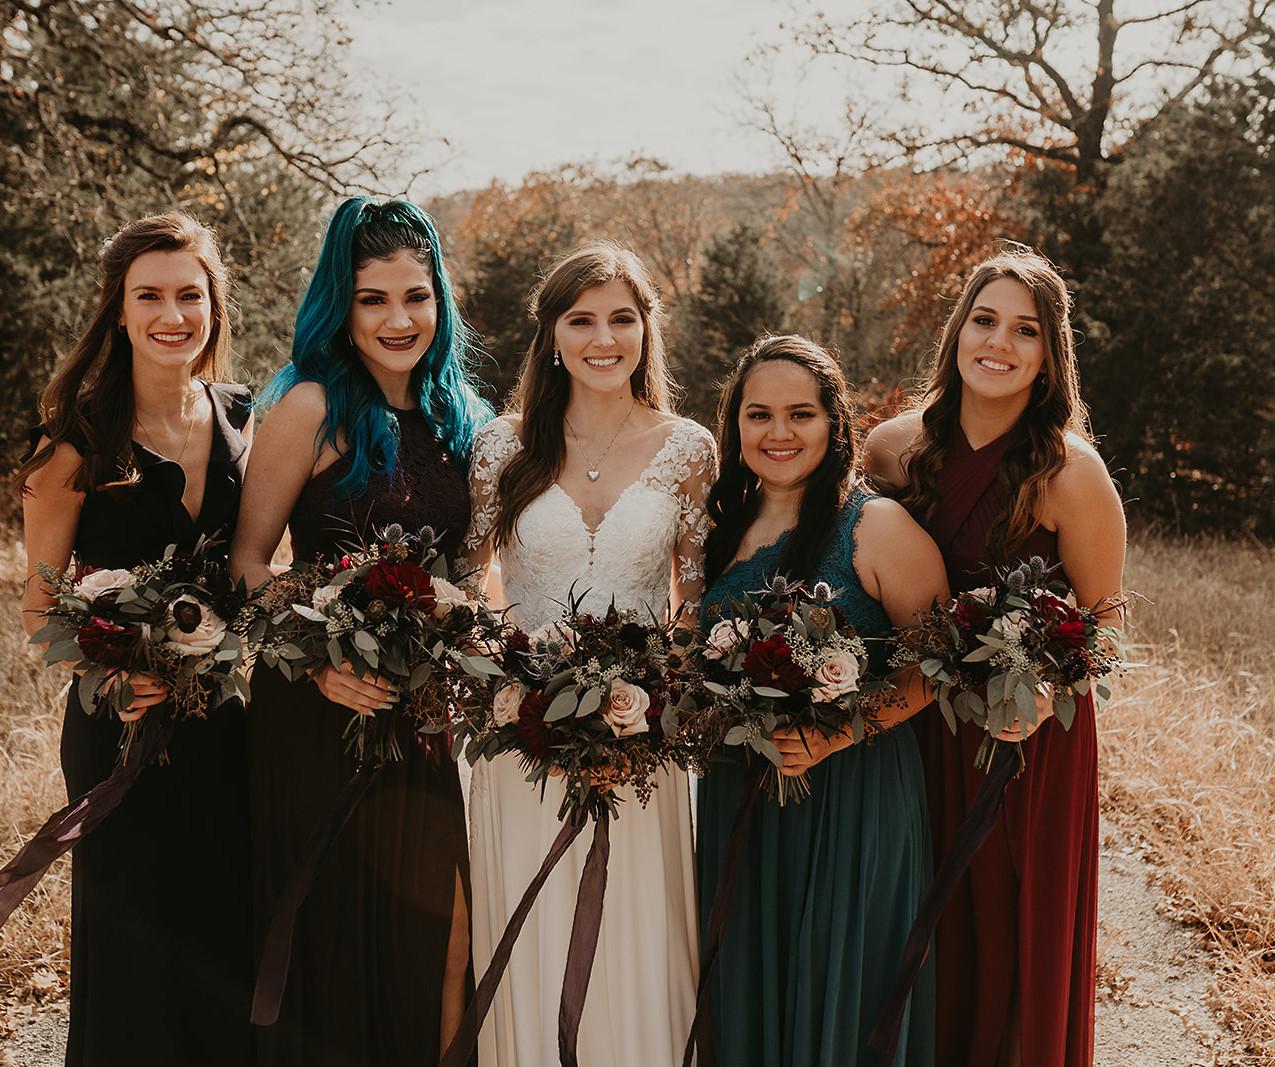 weddingparty-11